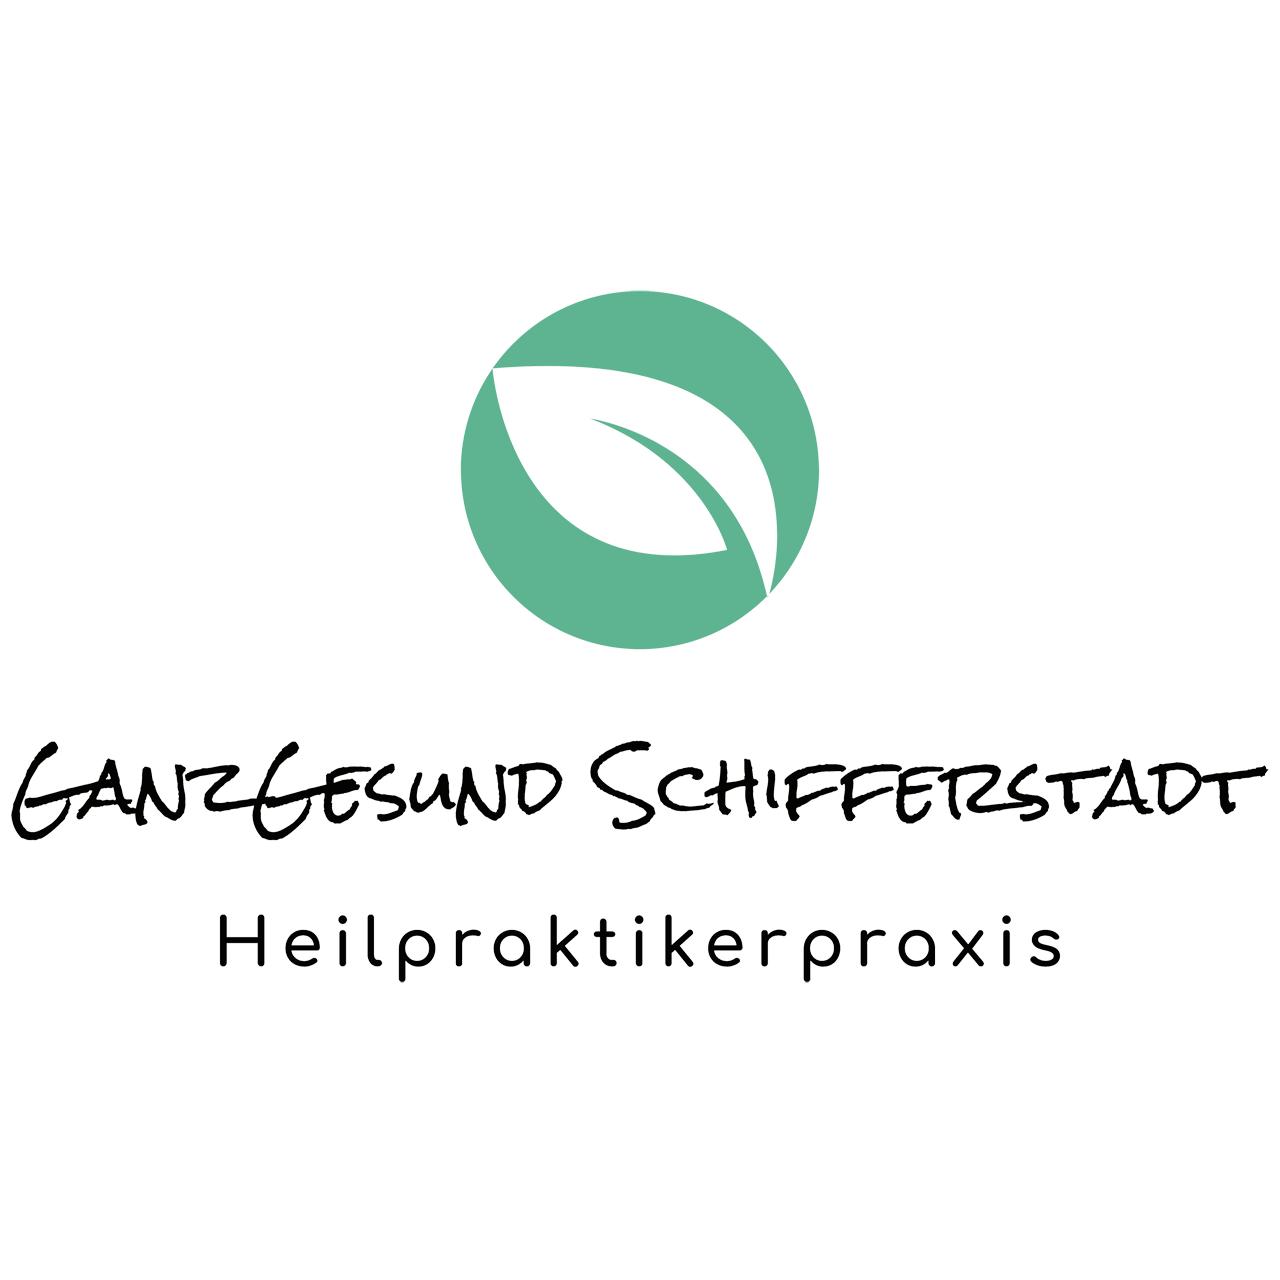 Bild zu Heilpraktiker Schifferstadt - GanzGesund Heilpraktikerpraxis in Schifferstadt